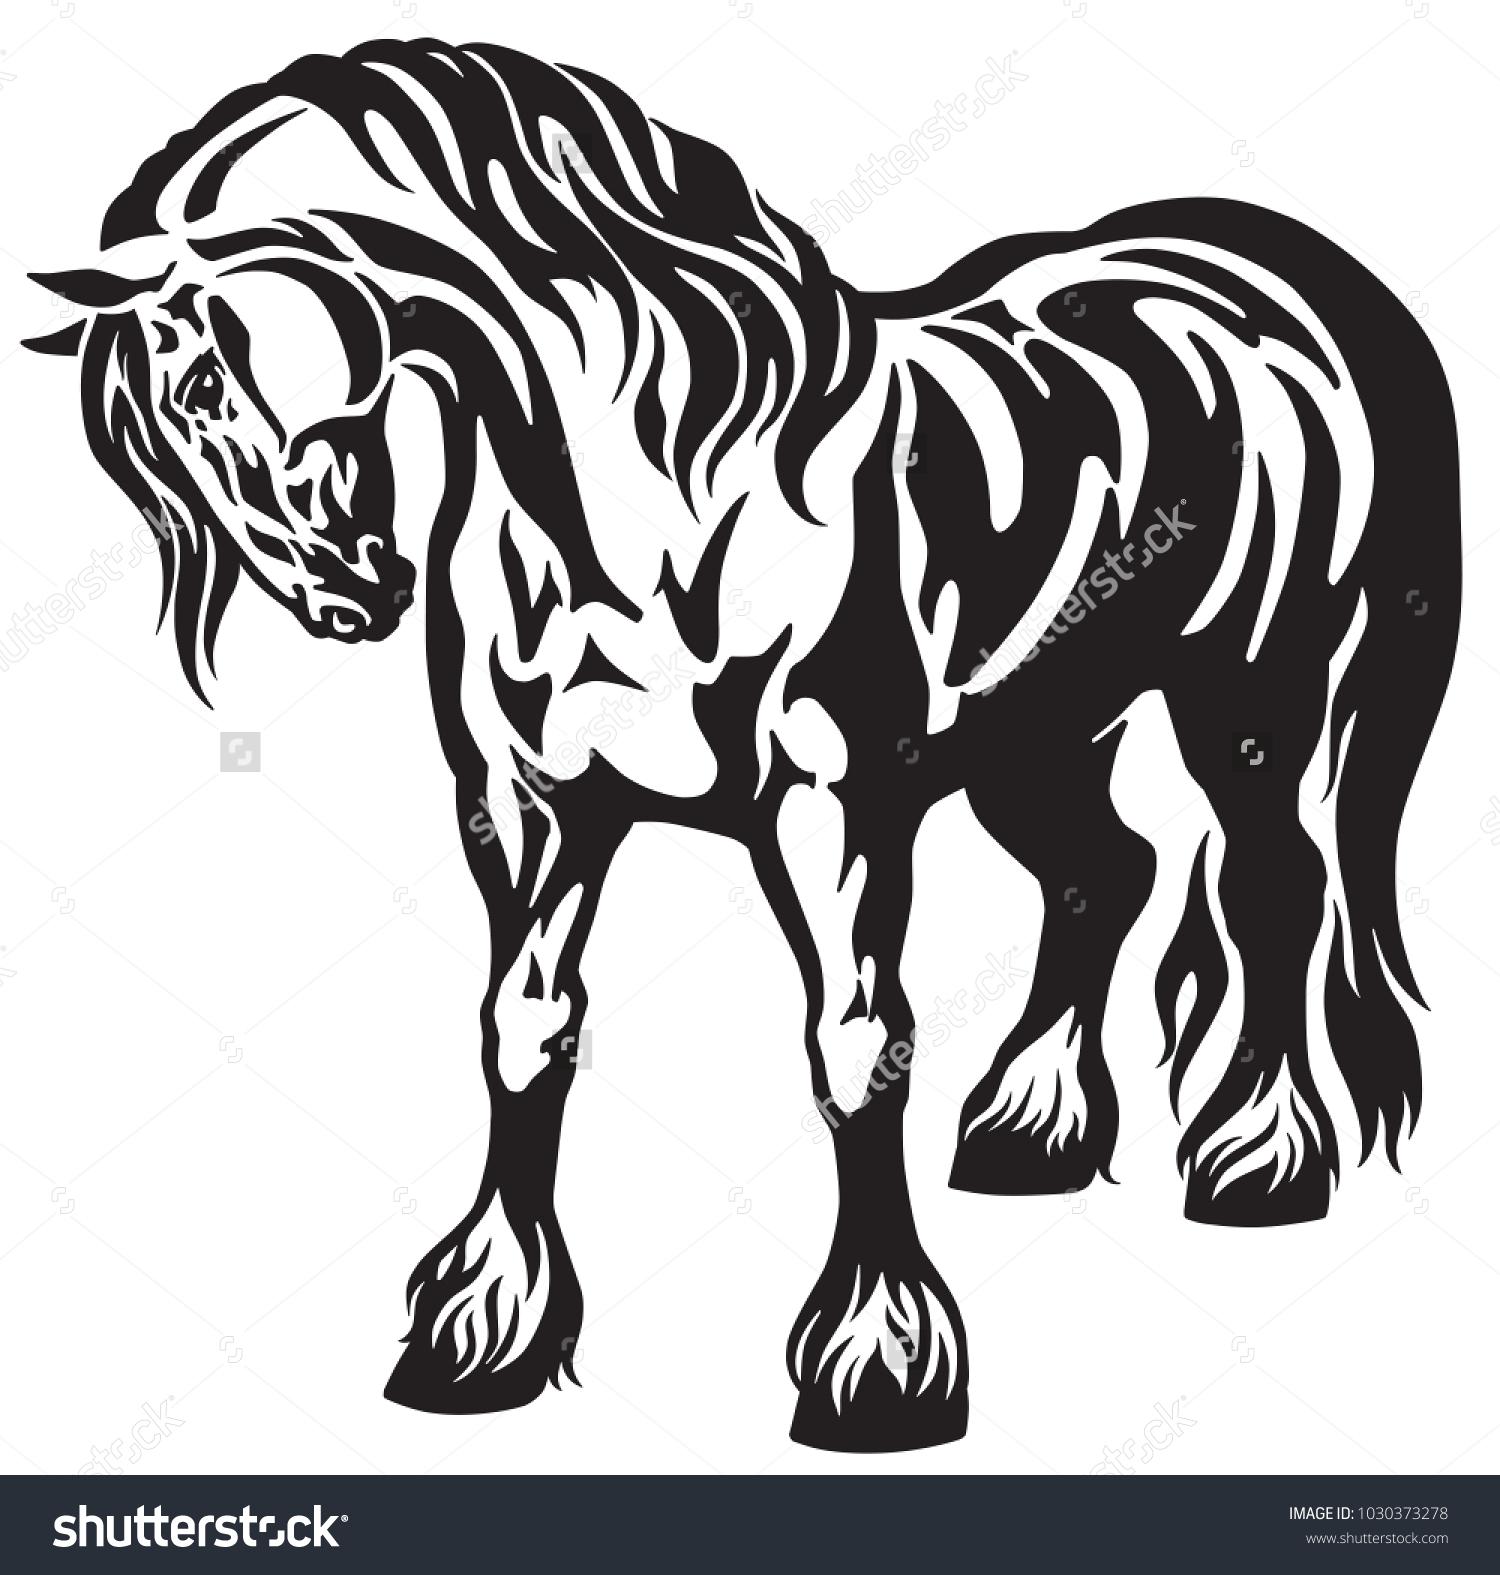 Vector De Stock Libre De Regalias Sobre Heavy Draft Horse Black White Tribal1030373278